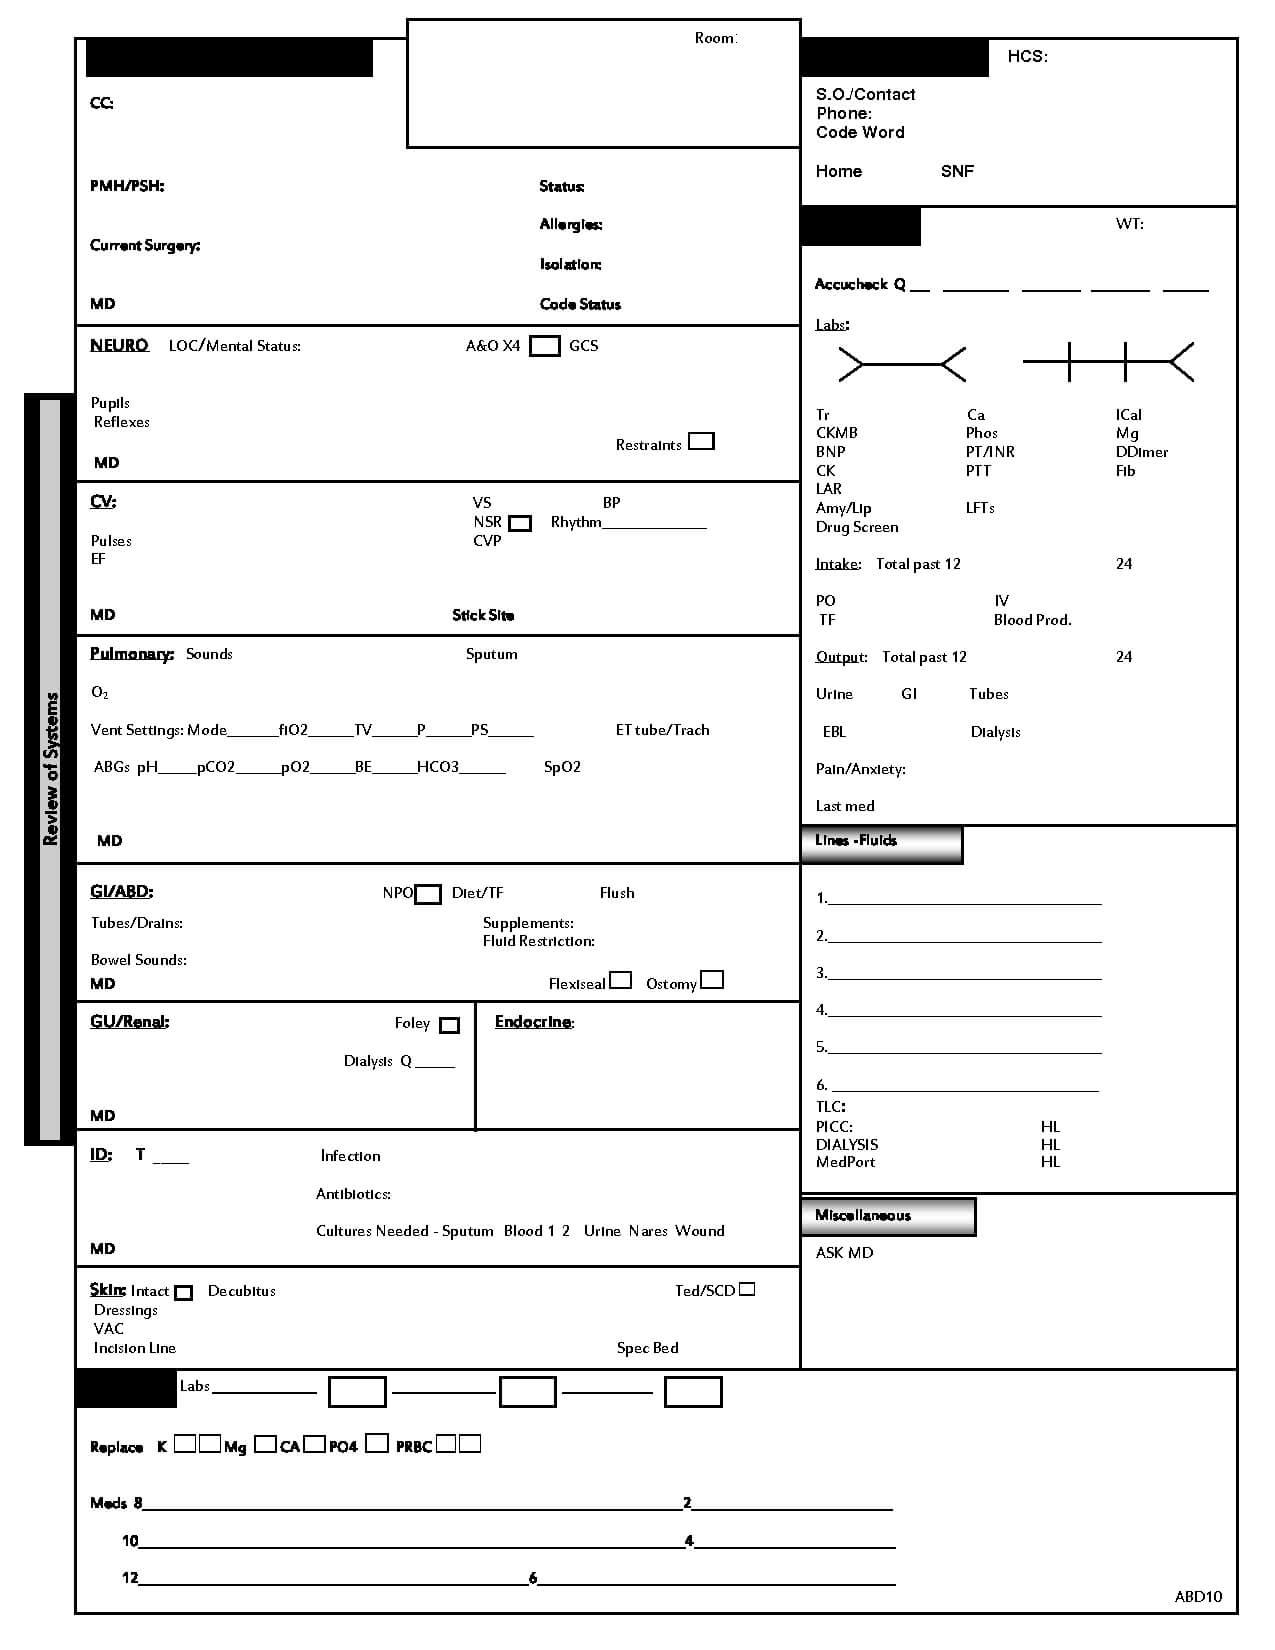 Icu Nurse Report Sheet Template | Nurse | Nurse Report Sheet for Nursing Report Sheet Template